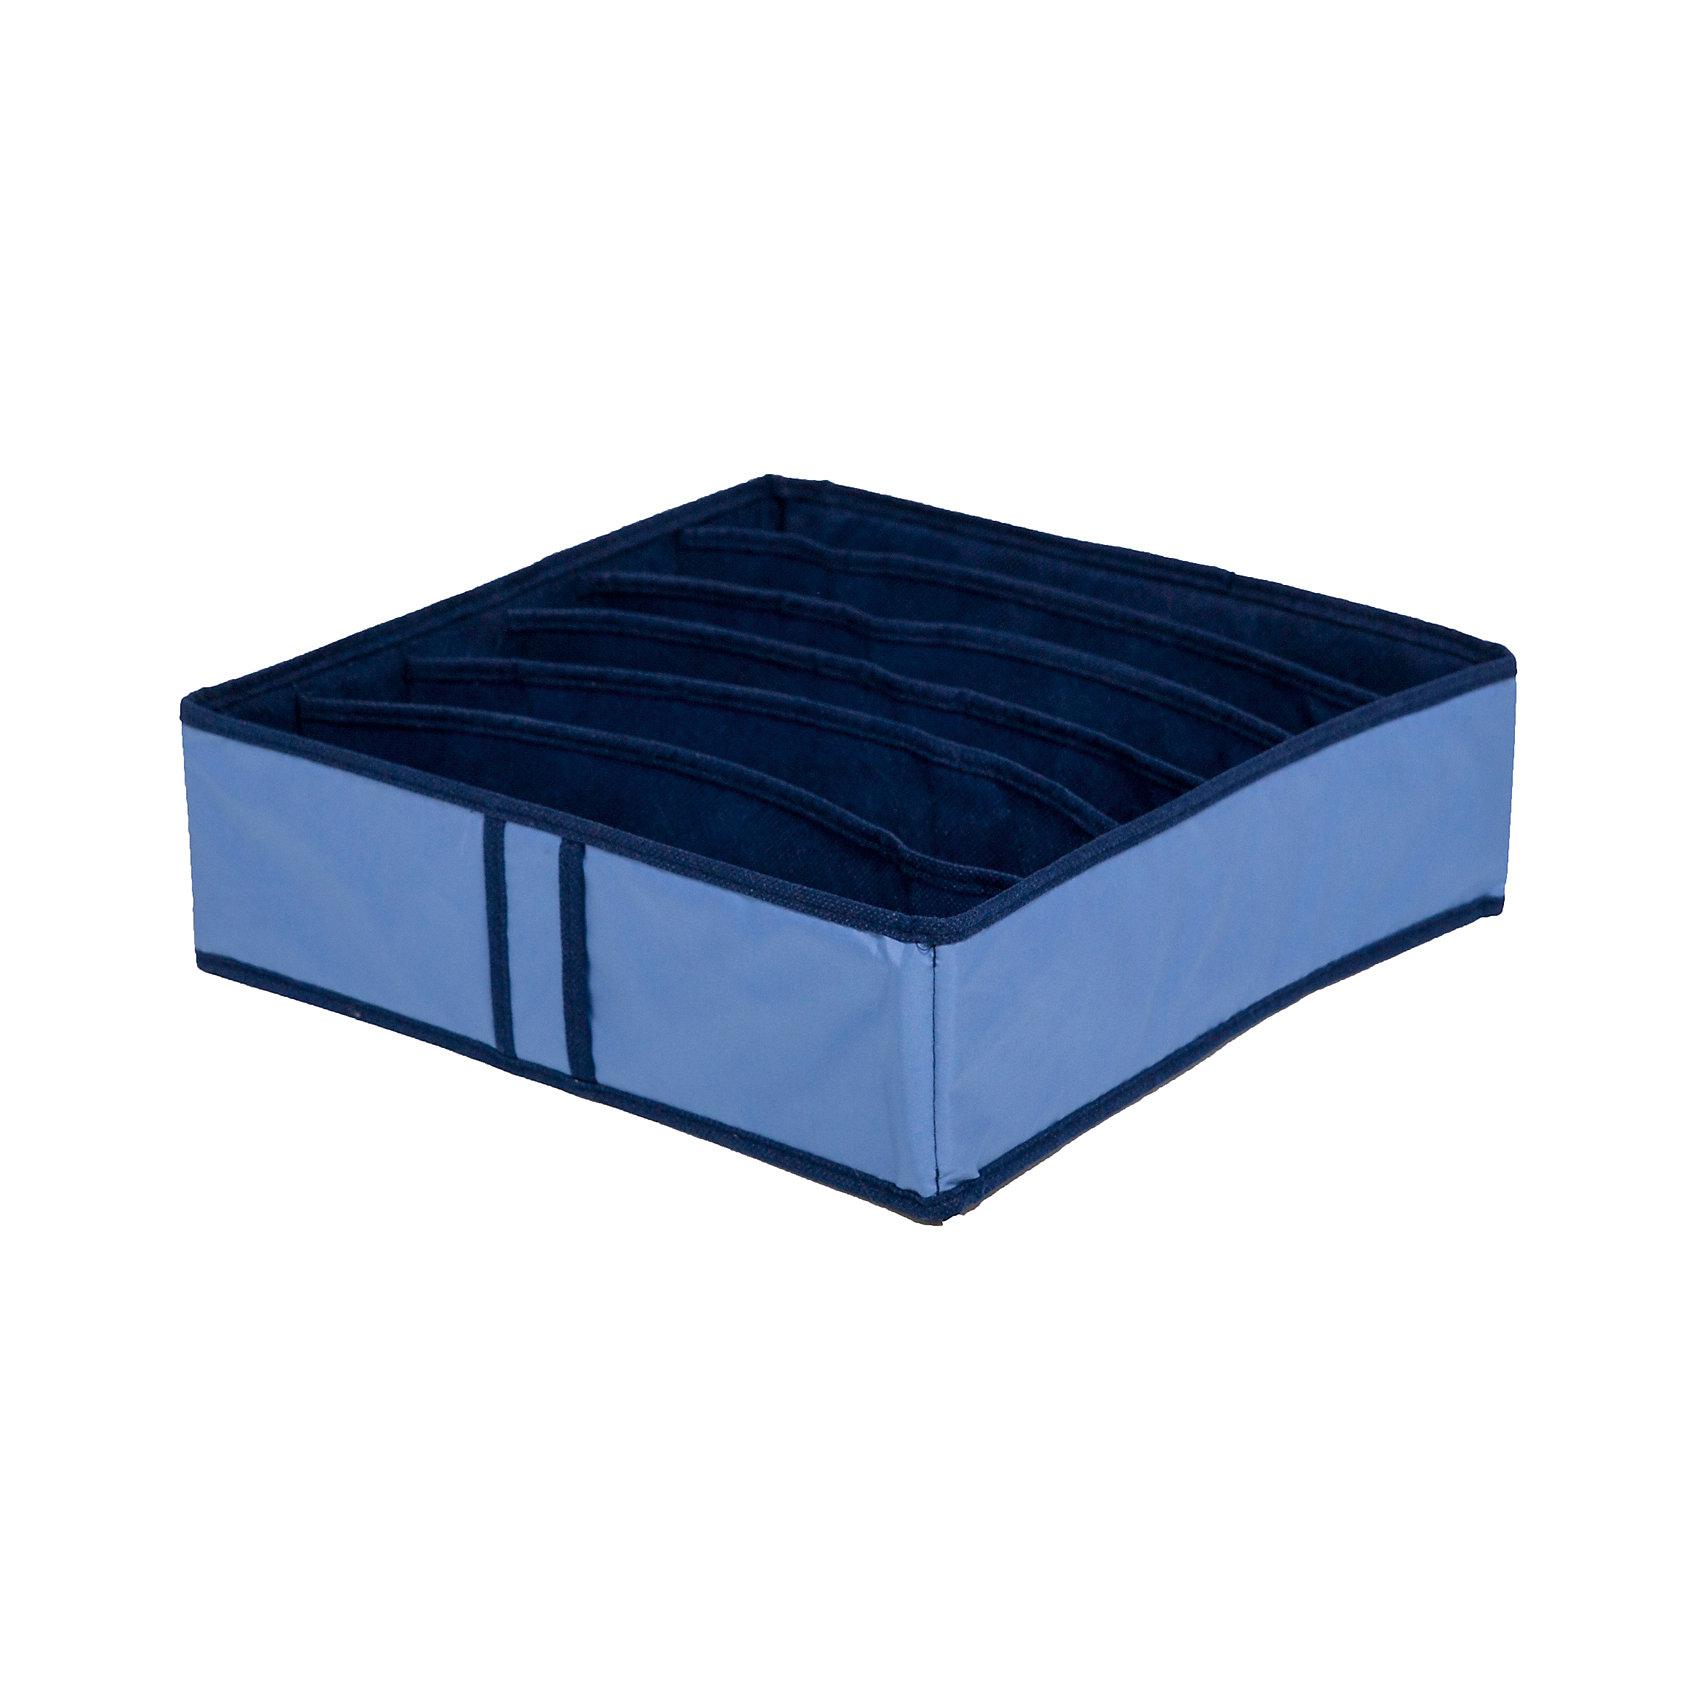 Органайзер для бюстгальтеров на 6 ячеек Bluе sky, HomsuПорядок в детской<br>Характеристики товара:<br><br>• цвет: синий<br>• материал: полиэстер, картон<br>• размер: 35х35х10 см<br>• вес: 200 г<br>• легкий прочный каркас<br>• обеспечивает естественную вентиляцию<br>• вместимость: 6 отделений<br>• страна бренда: Россия<br>• страна изготовитель: Китай<br><br>Органайзер для бюстгальтеров на 6 ячеек Bluе sky от бренда Homsu (Хомсу) - очень удобная вещь для хранения вещей и эргономичной организации пространства.<br><br>Он легкий, устойчивый, вместительный, обеспечивает естественную вентиляцию.<br><br>Органайзер для бюстгальтеров на 6 ячеек Bluе sky, Homsu можно купить в нашем интернет-магазине.<br><br>Ширина мм: 350<br>Глубина мм: 100<br>Высота мм: 20<br>Вес г: 200<br>Возраст от месяцев: 216<br>Возраст до месяцев: 1188<br>Пол: Женский<br>Возраст: Детский<br>SKU: 5620227